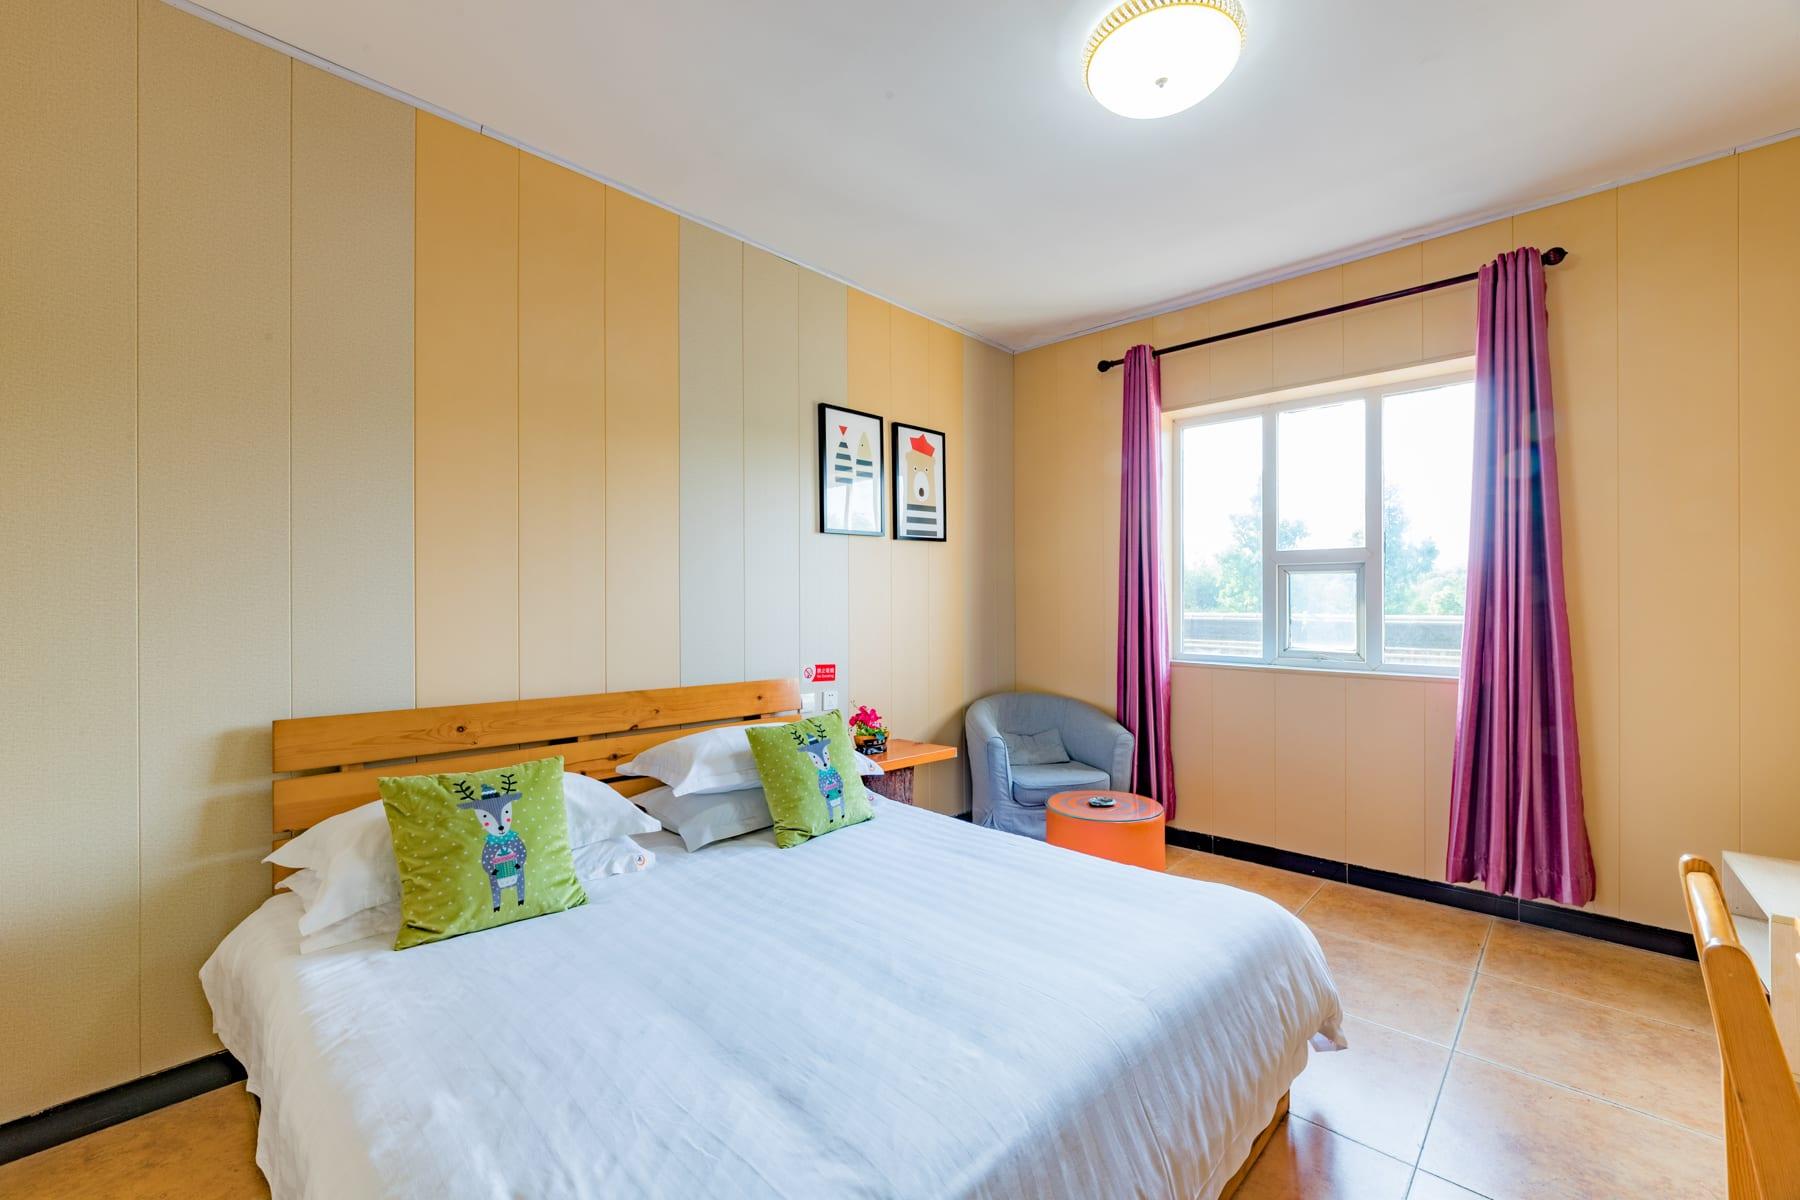 HOSTEL - Chengdu Dreams Travel International Youth Hostel